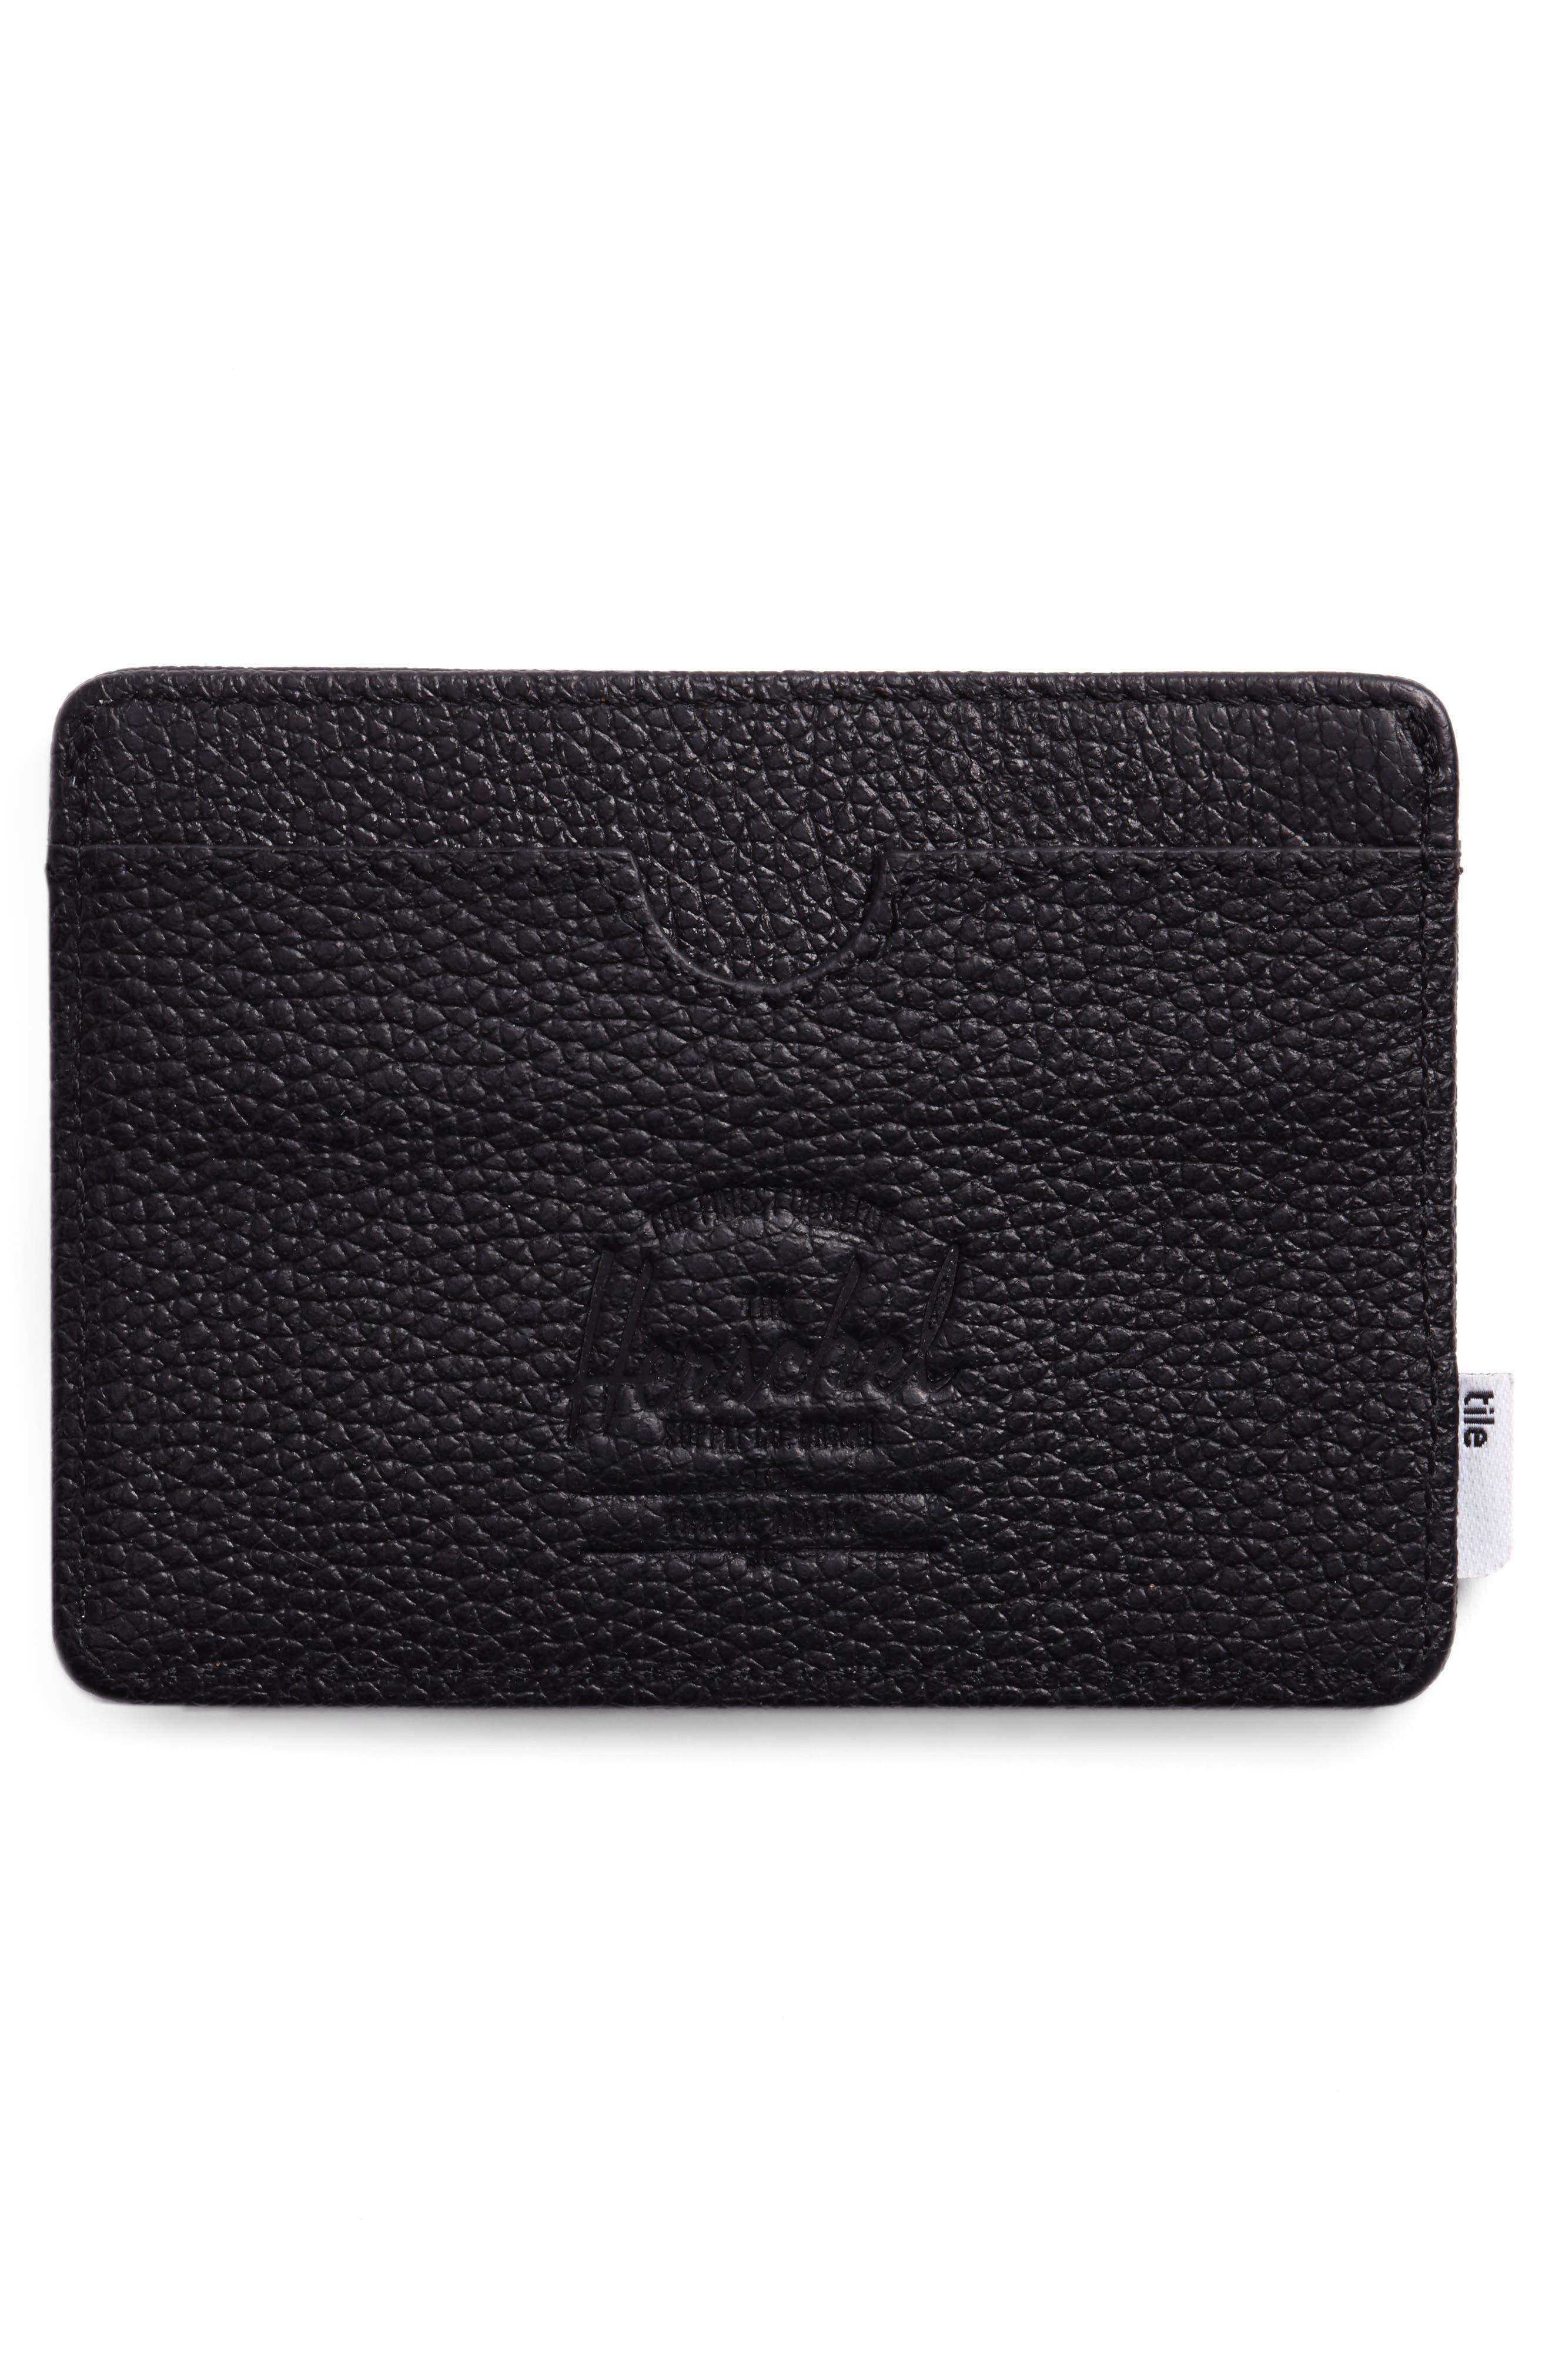 Herschel Supply Co. Tile Slim Charlie Leather Card Case